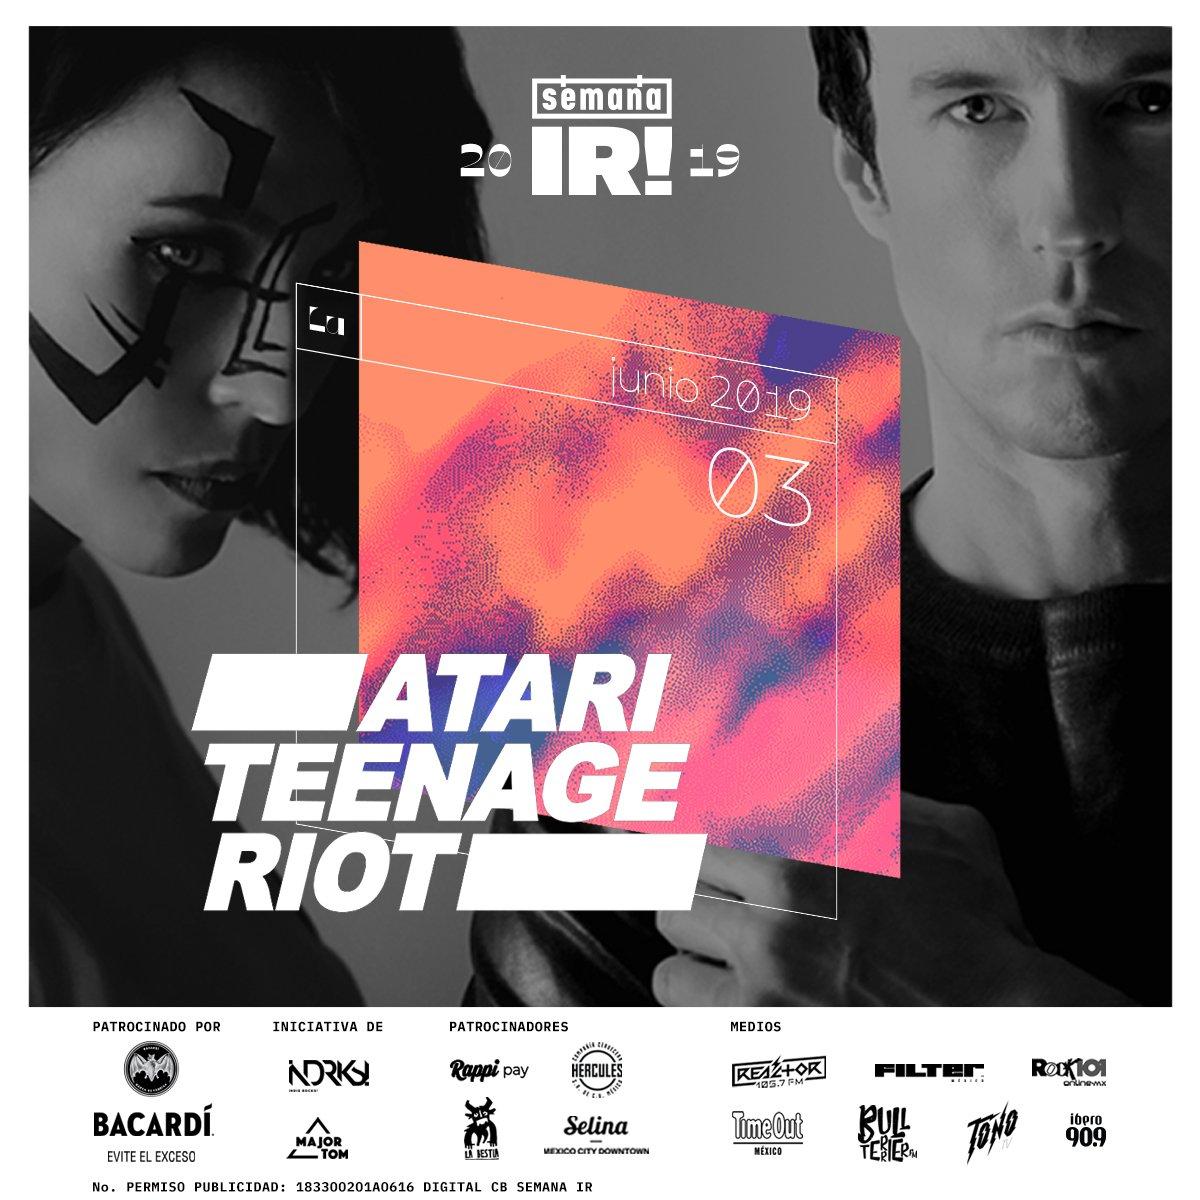 Atari Teenage Riot en #SemanaIR